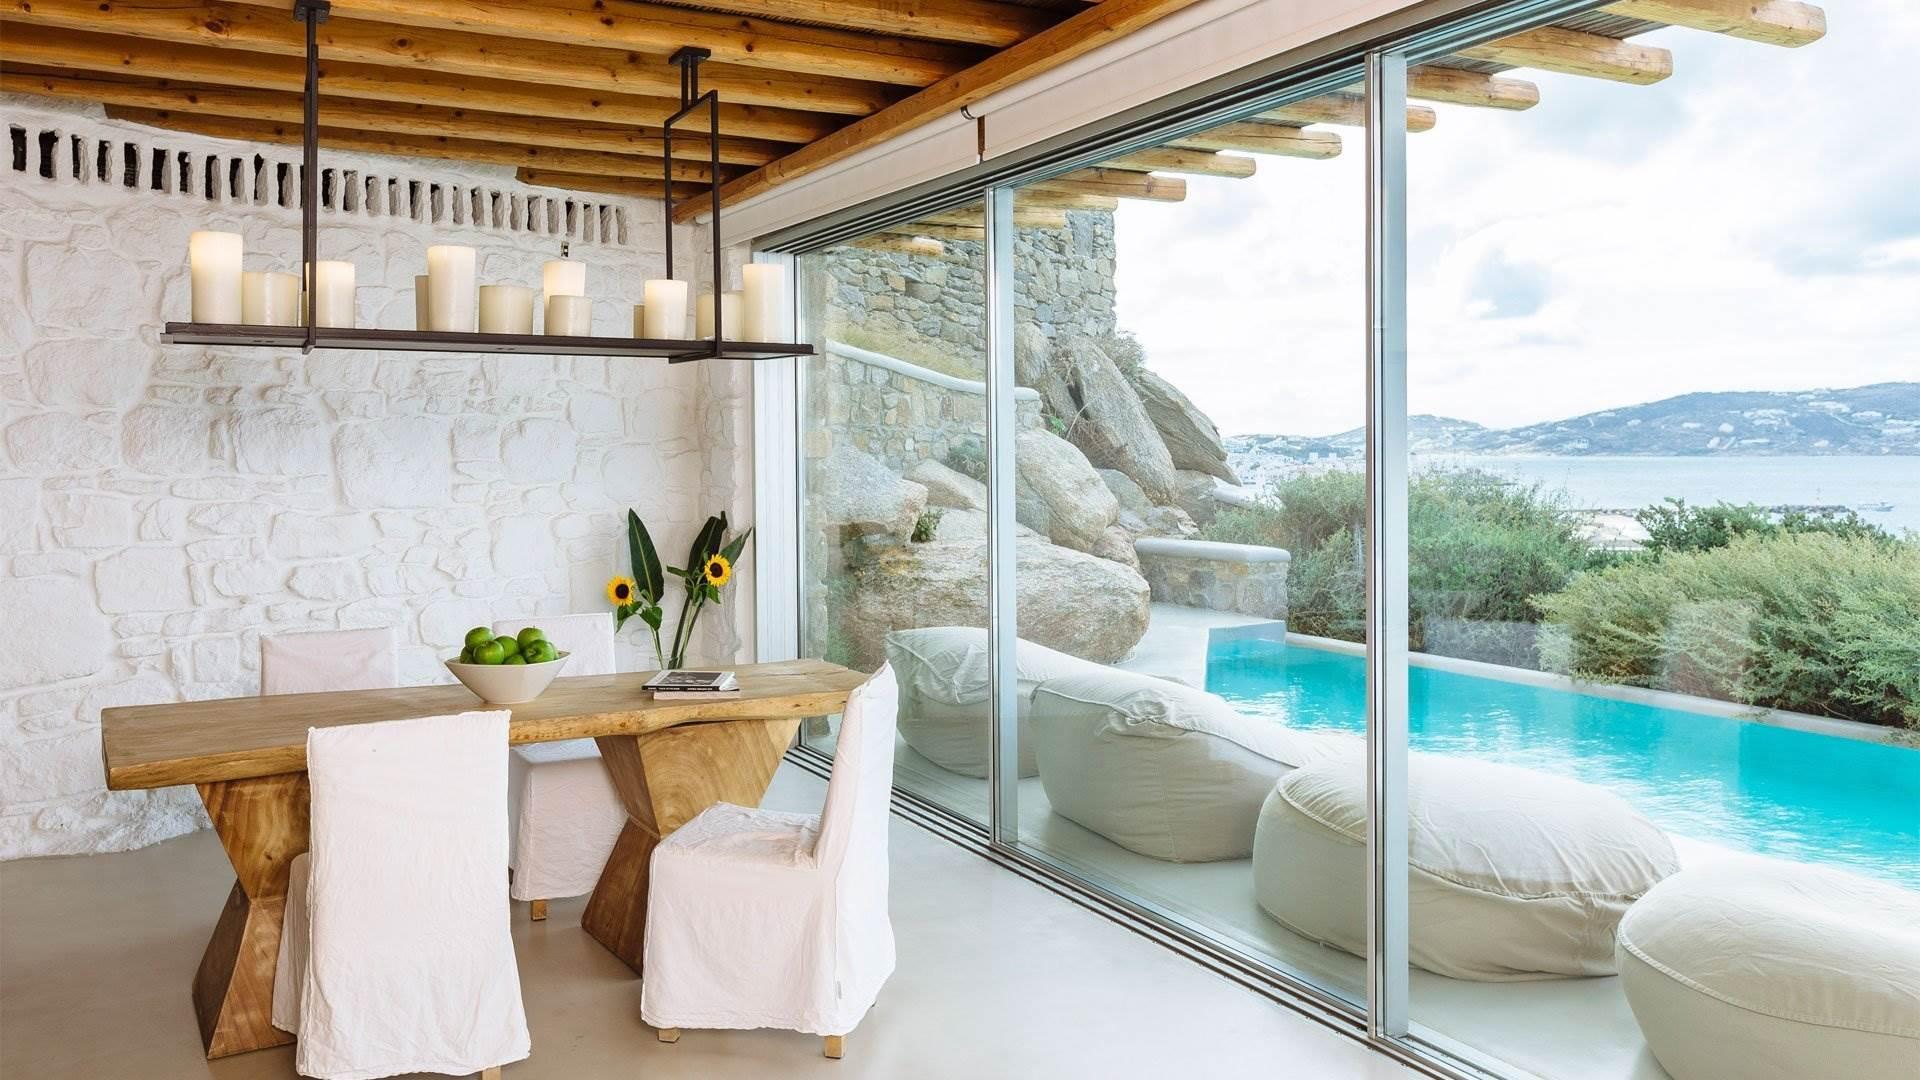 Golden I Villa - Cavo Tagoo